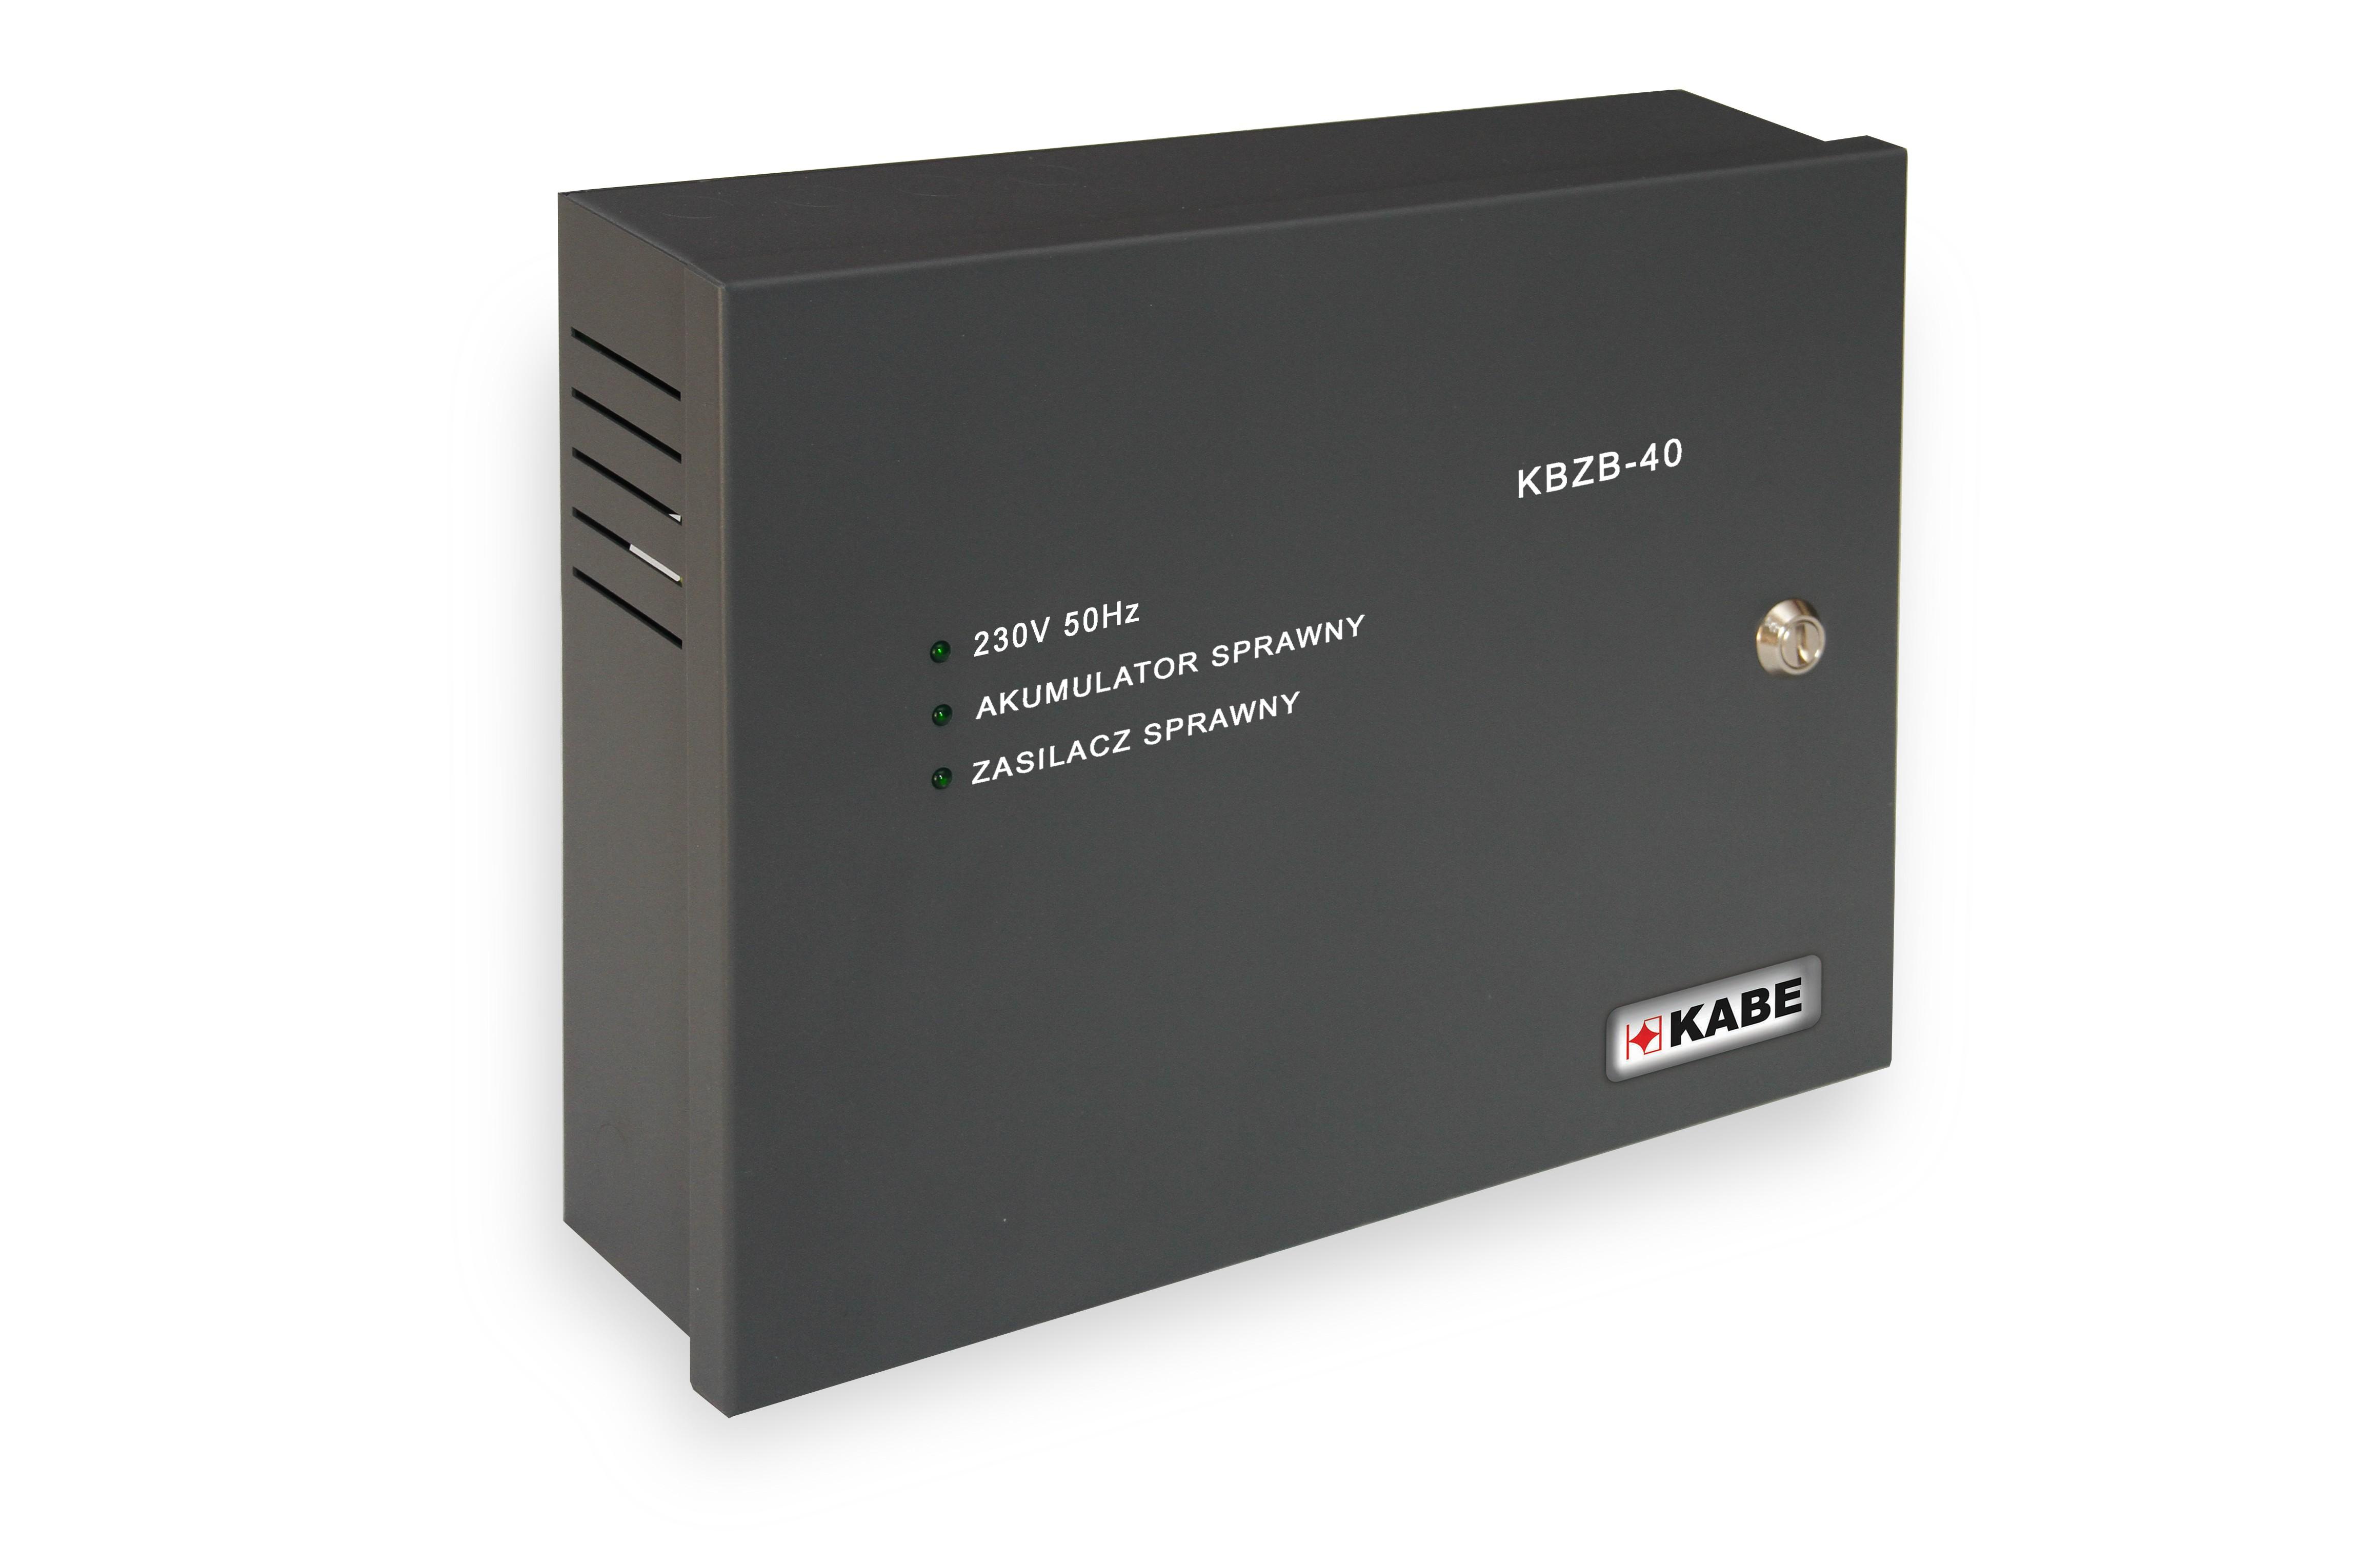 Zasilacz buforowy KBZB-40 1,8A/7Ah